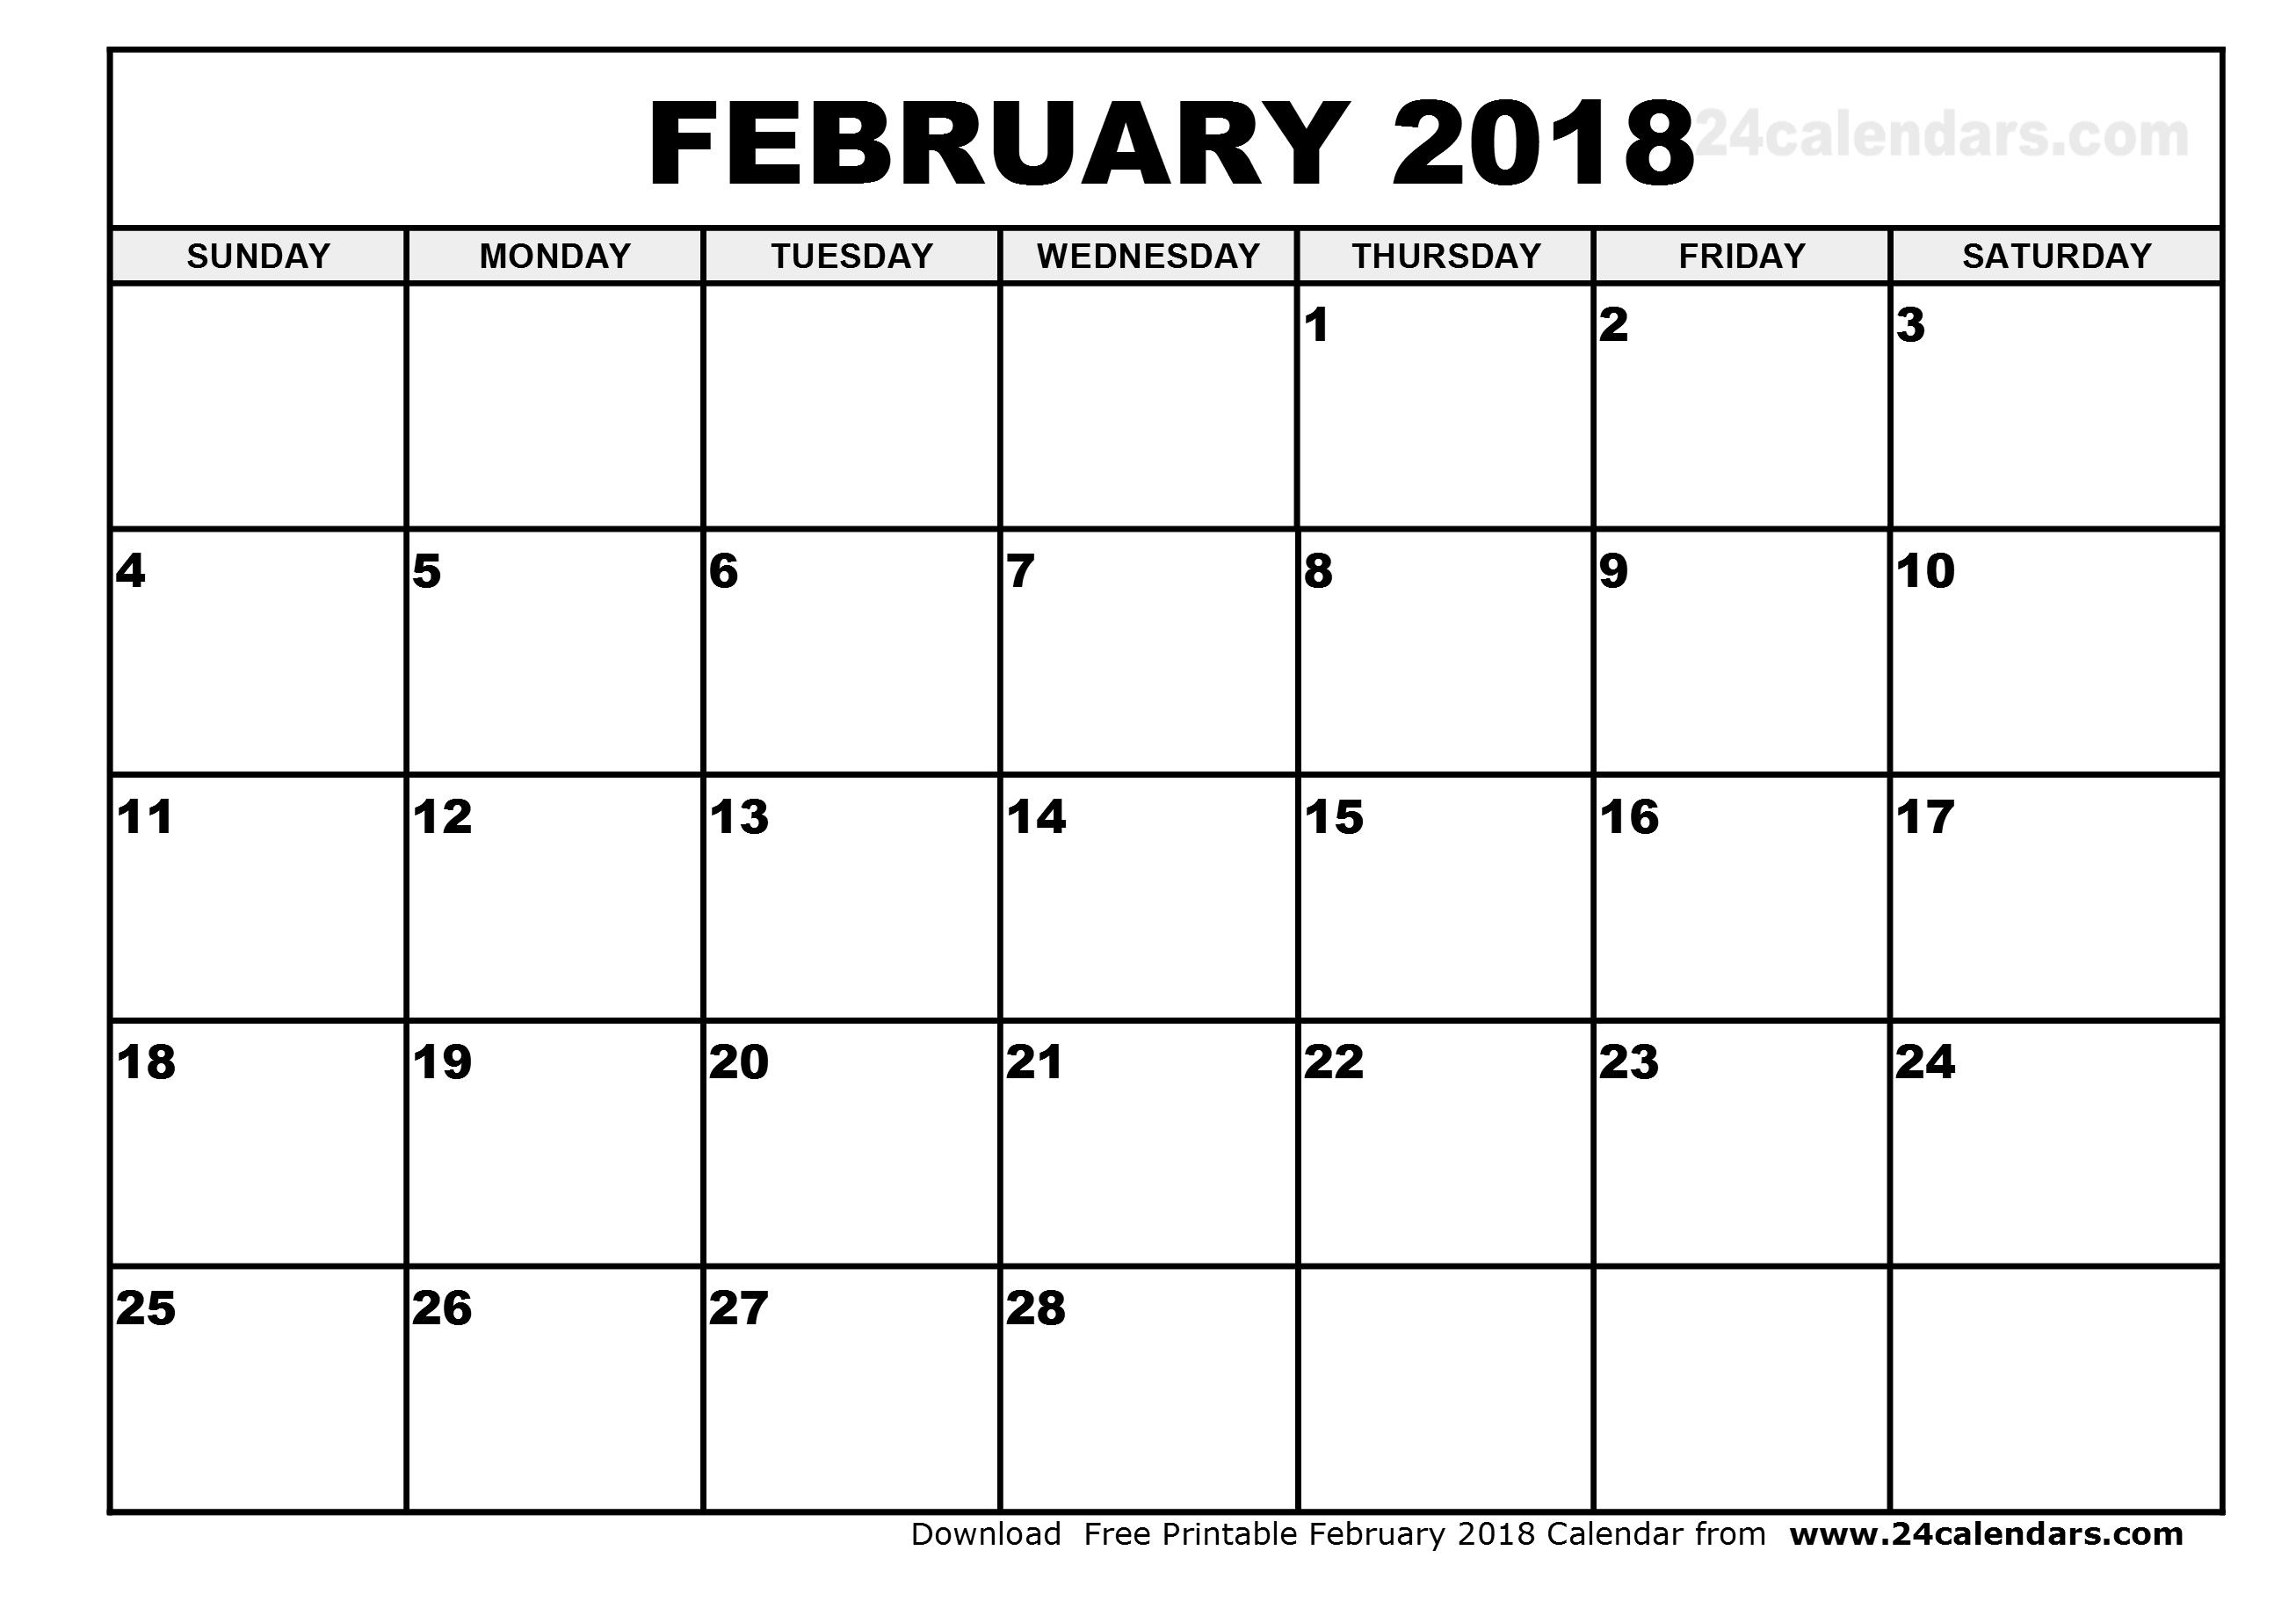 February 2018 calendar template Free printable calendar.com